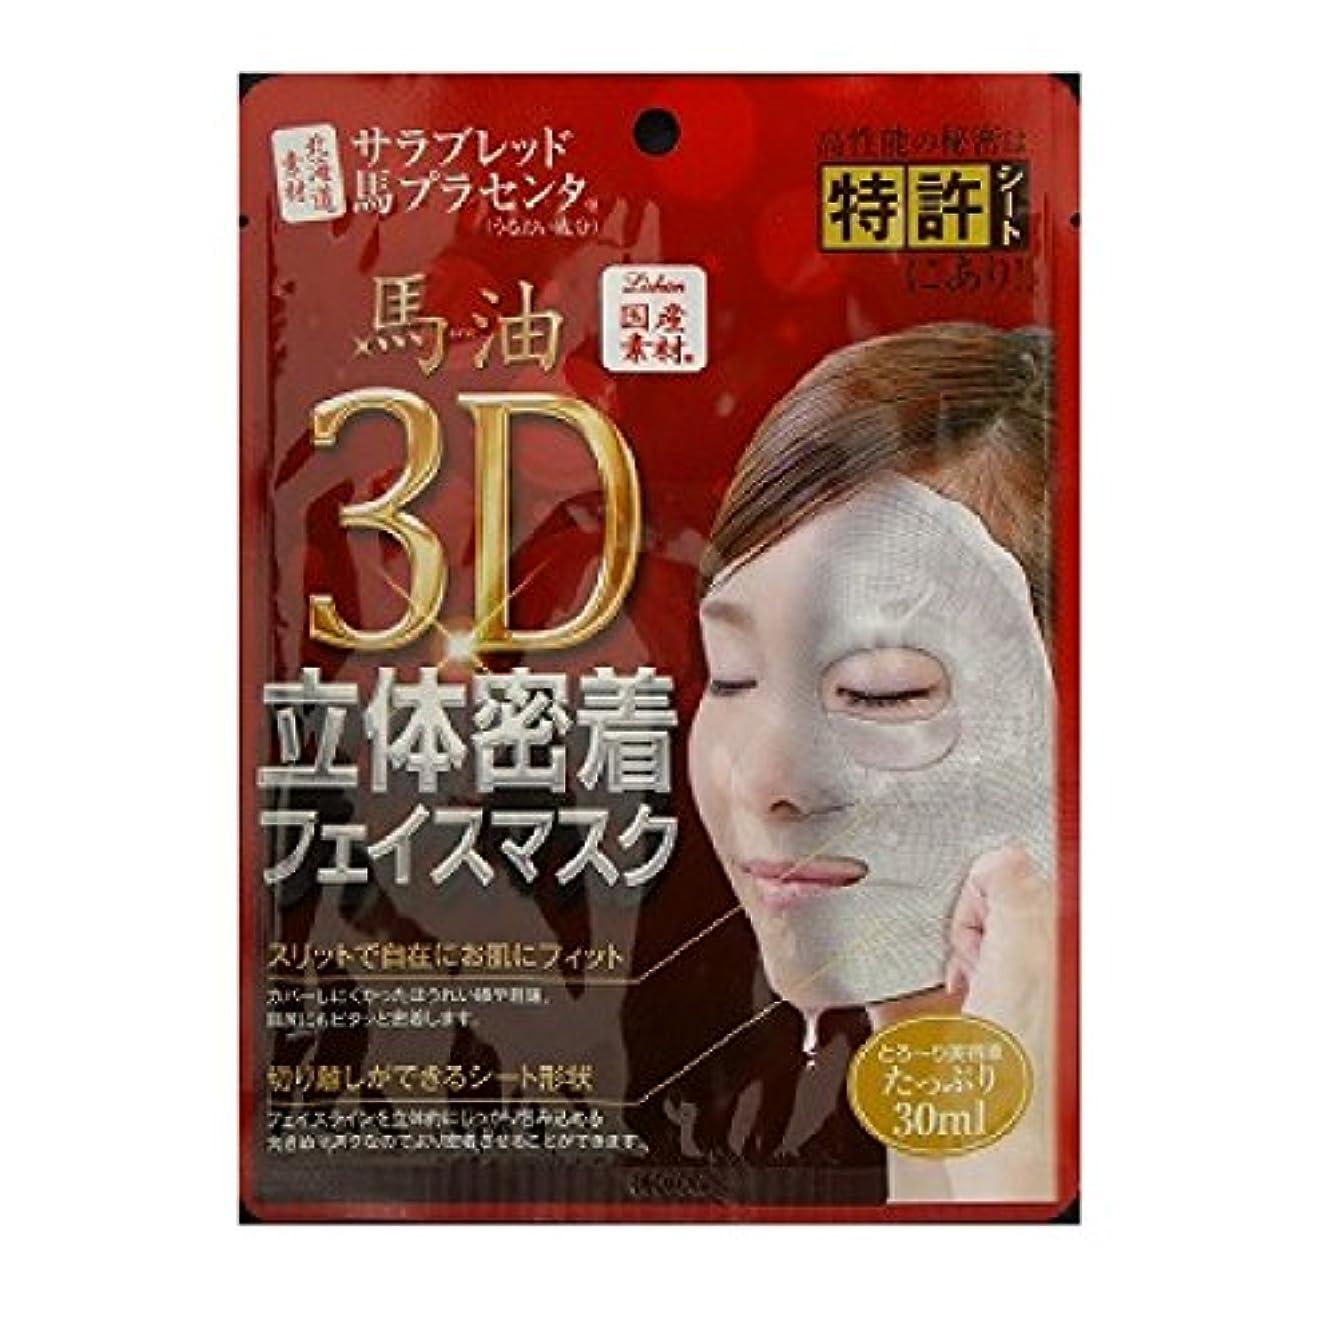 収容する測定可能翻訳者ナヴィス リシャン馬油3D立体密着フェイスマスク無香料 1枚入り